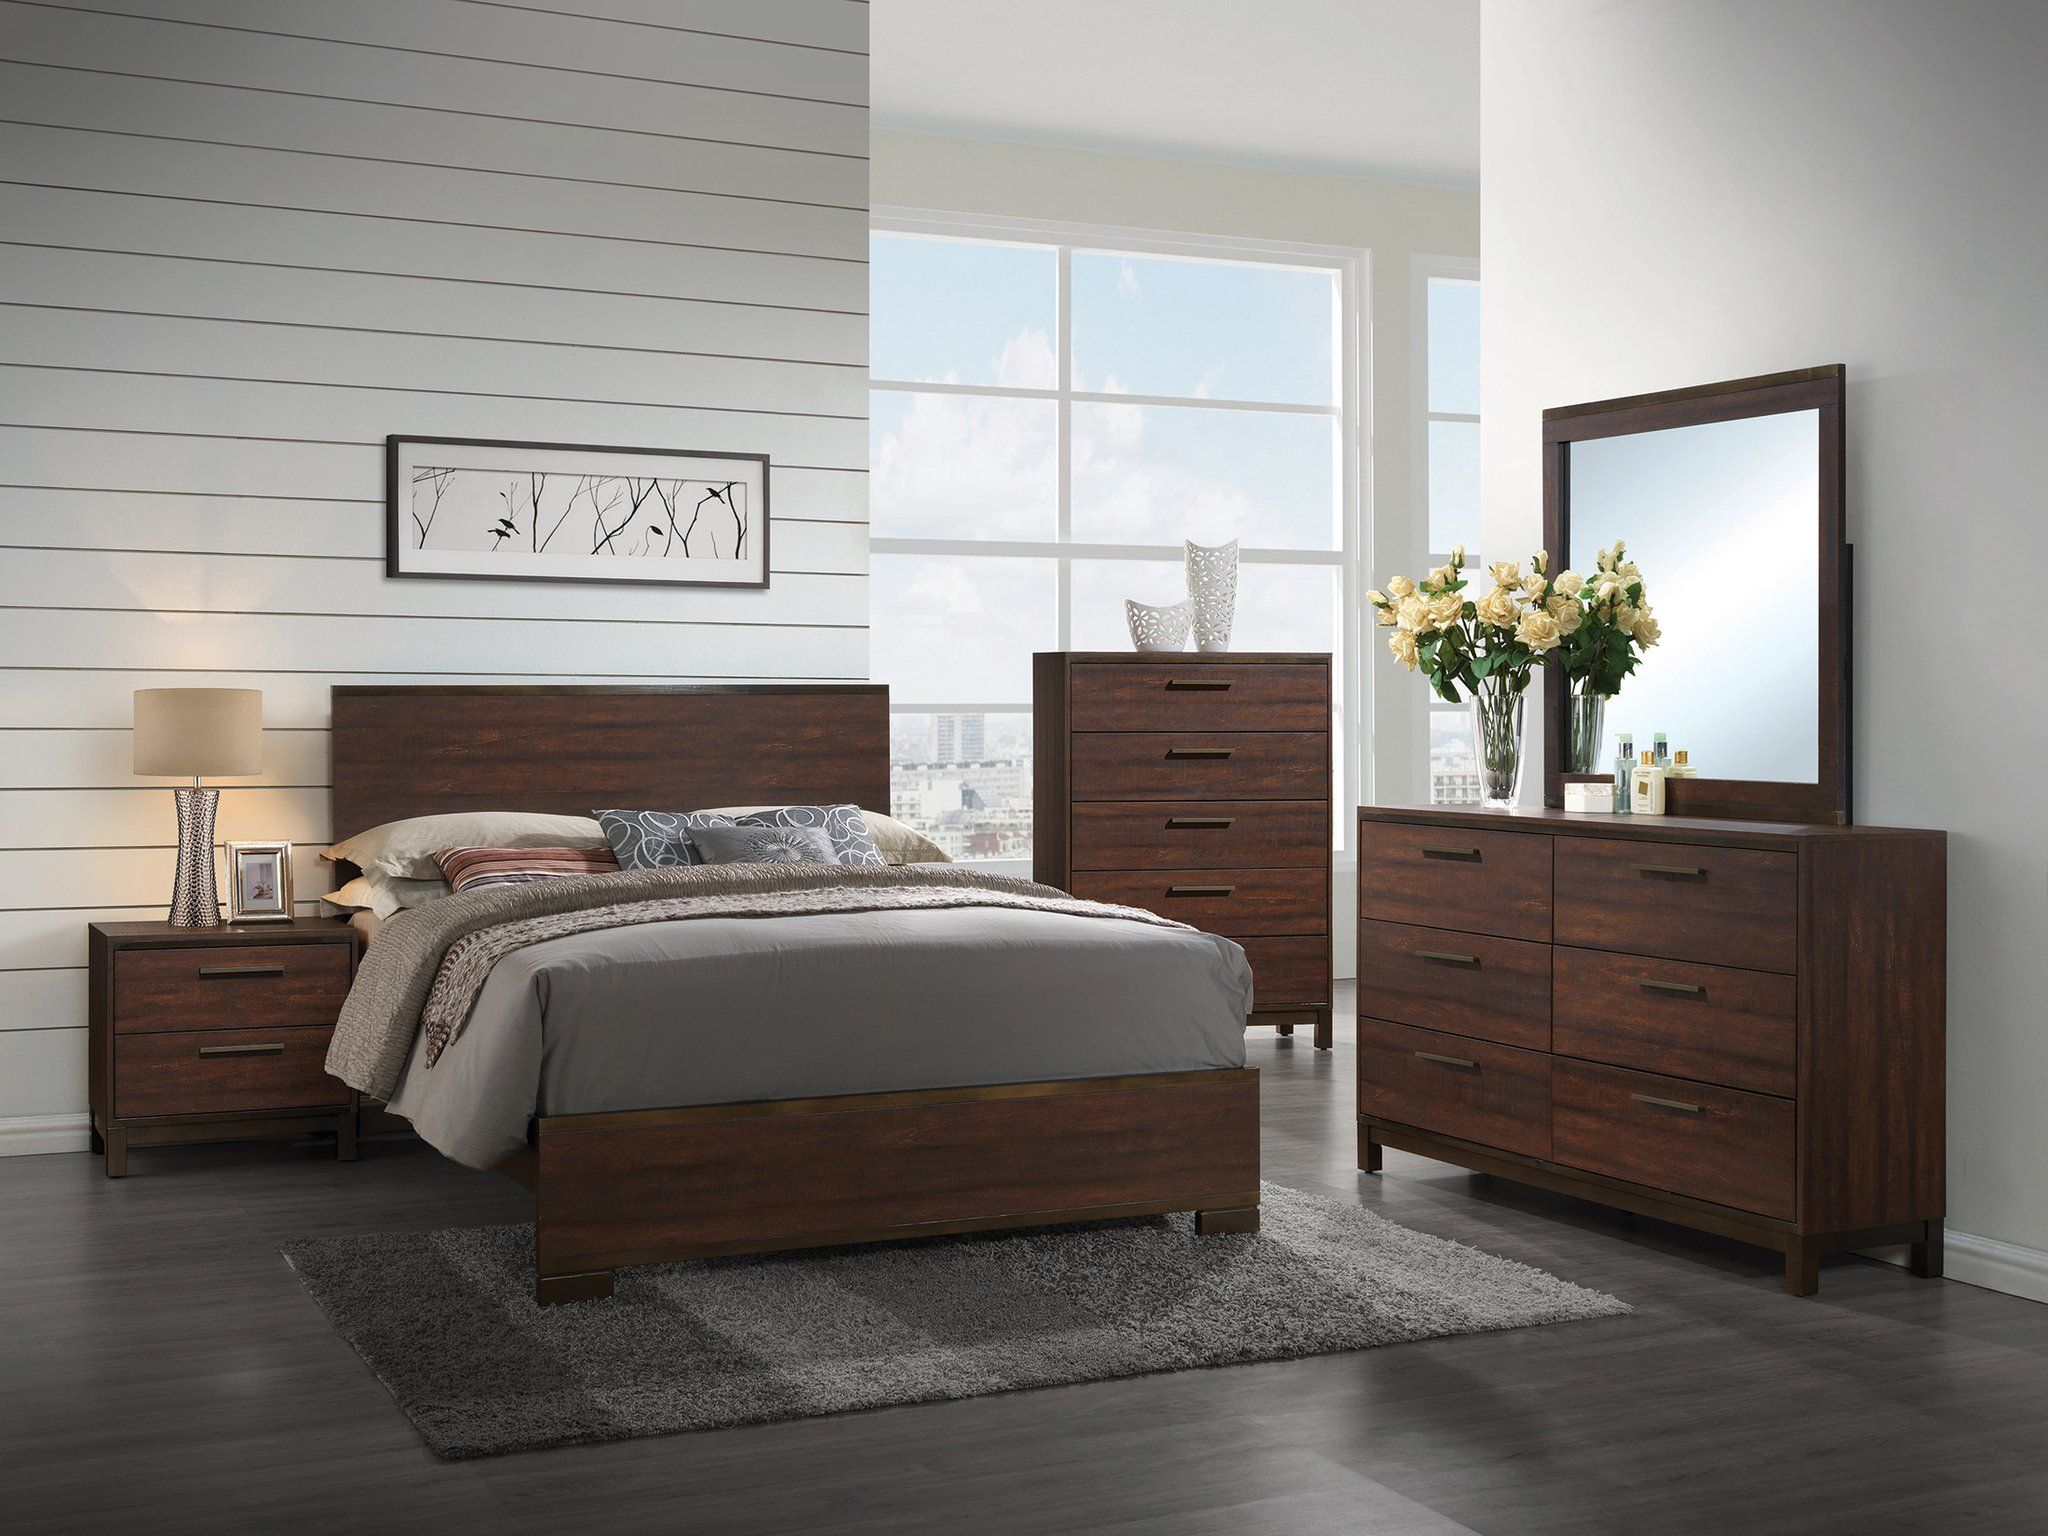 Coaster Edmonton Rustic Dark Oak 4 Piece Queen Bed Bedroom Set